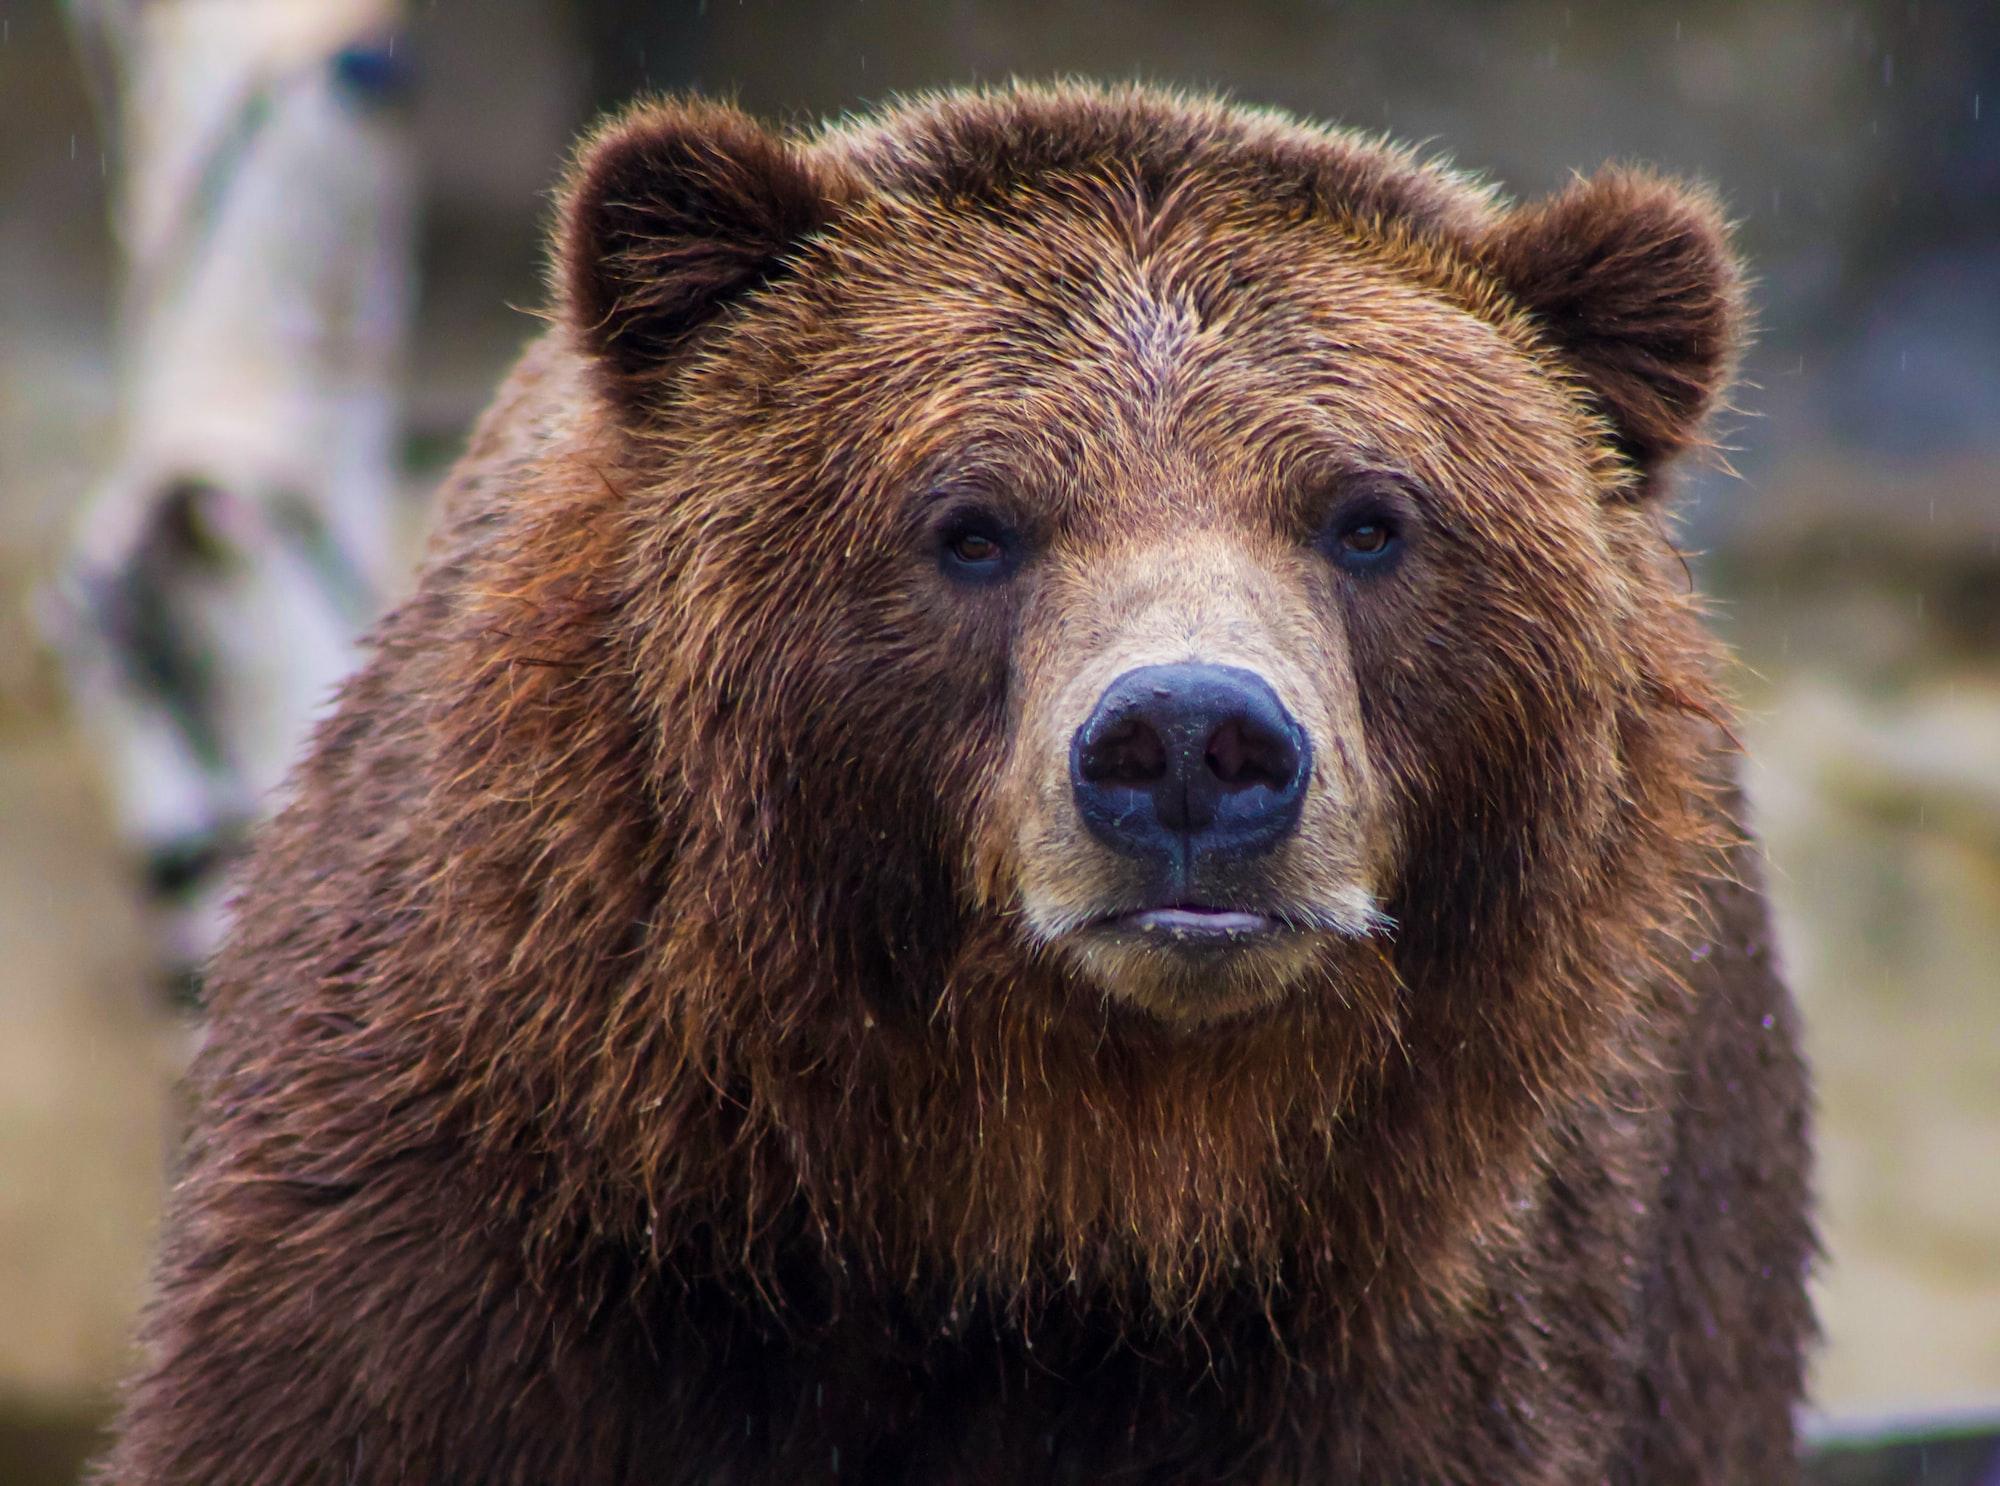 狼来了!熊出没!狮子咬屁股!大温最近动物凶猛